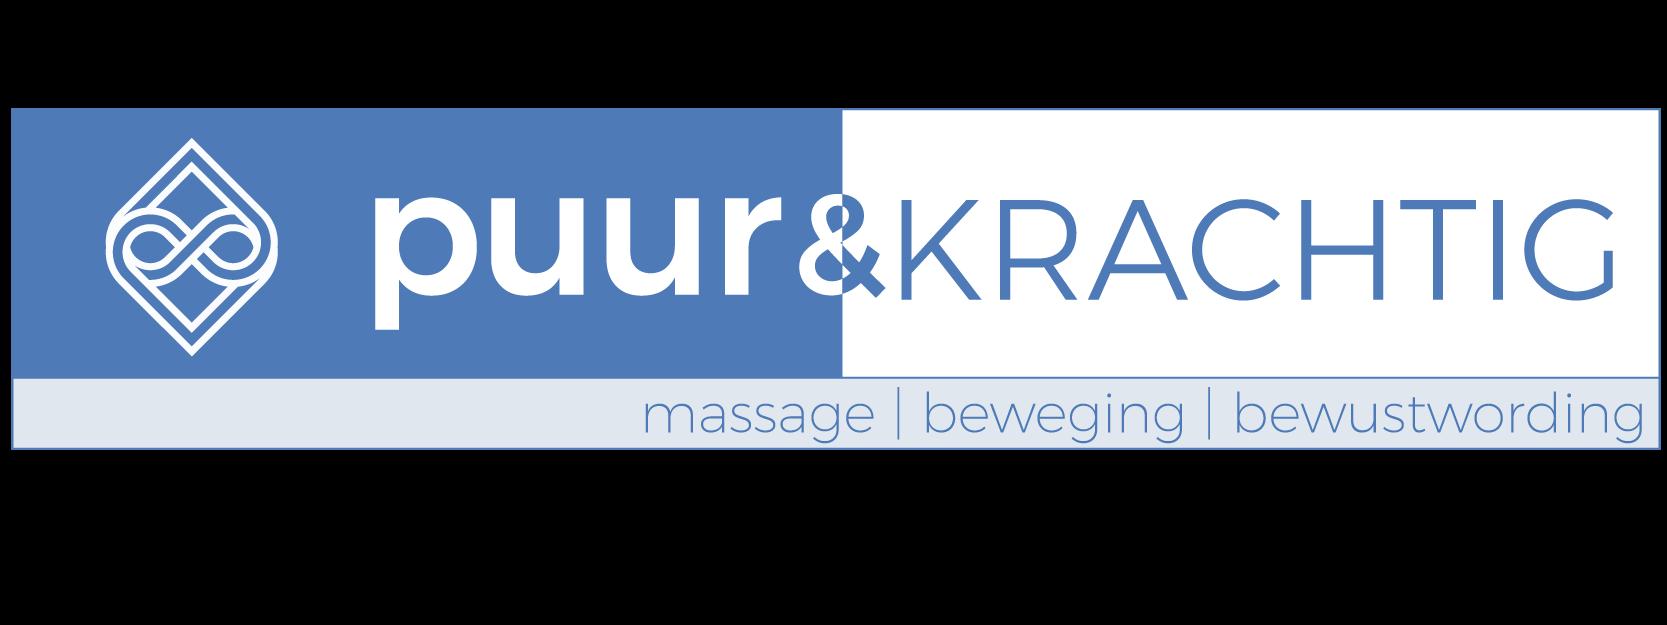 integrale massage mindful run praktijk Puur & Krachtig Den Haag - Wassenaar massage, beweging en bewustwording